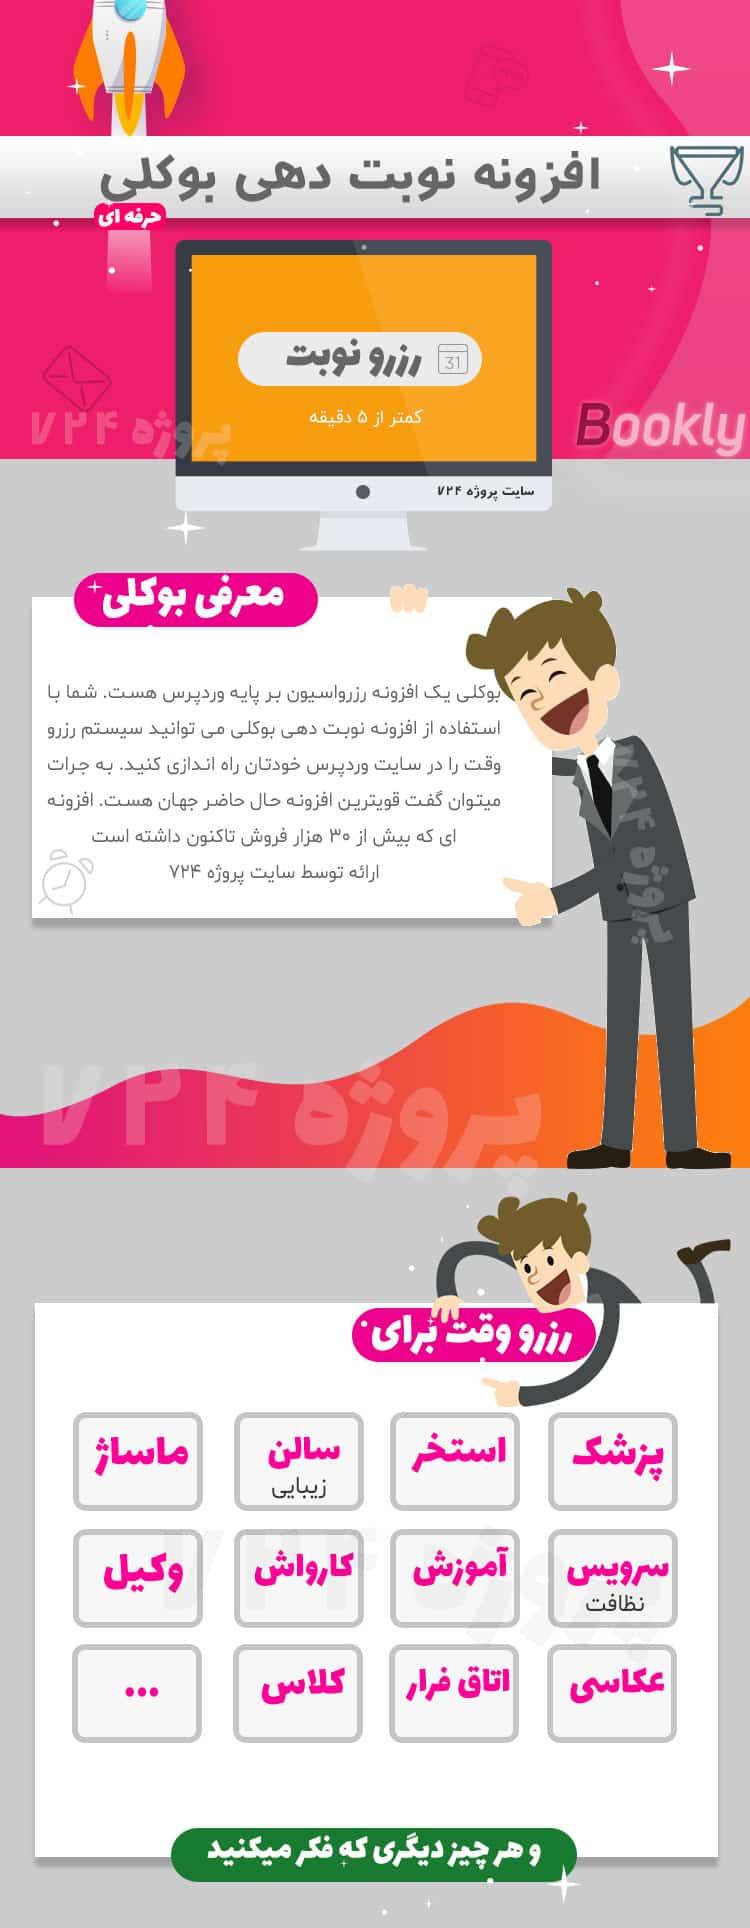 افزونه فارسی رزروارسیون Bookly